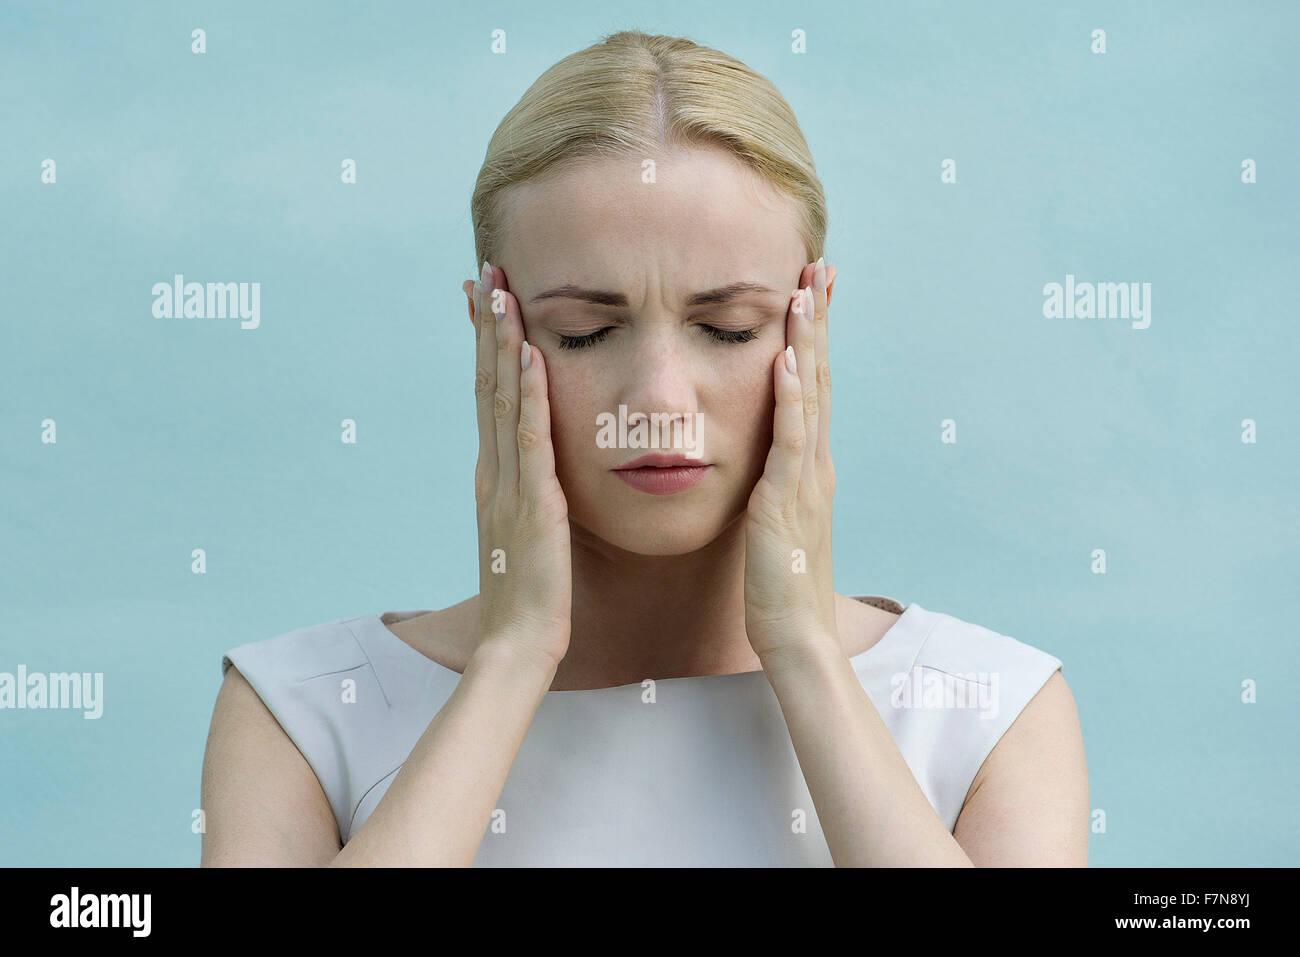 Woman face dans les mains, les yeux fermés Photo Stock